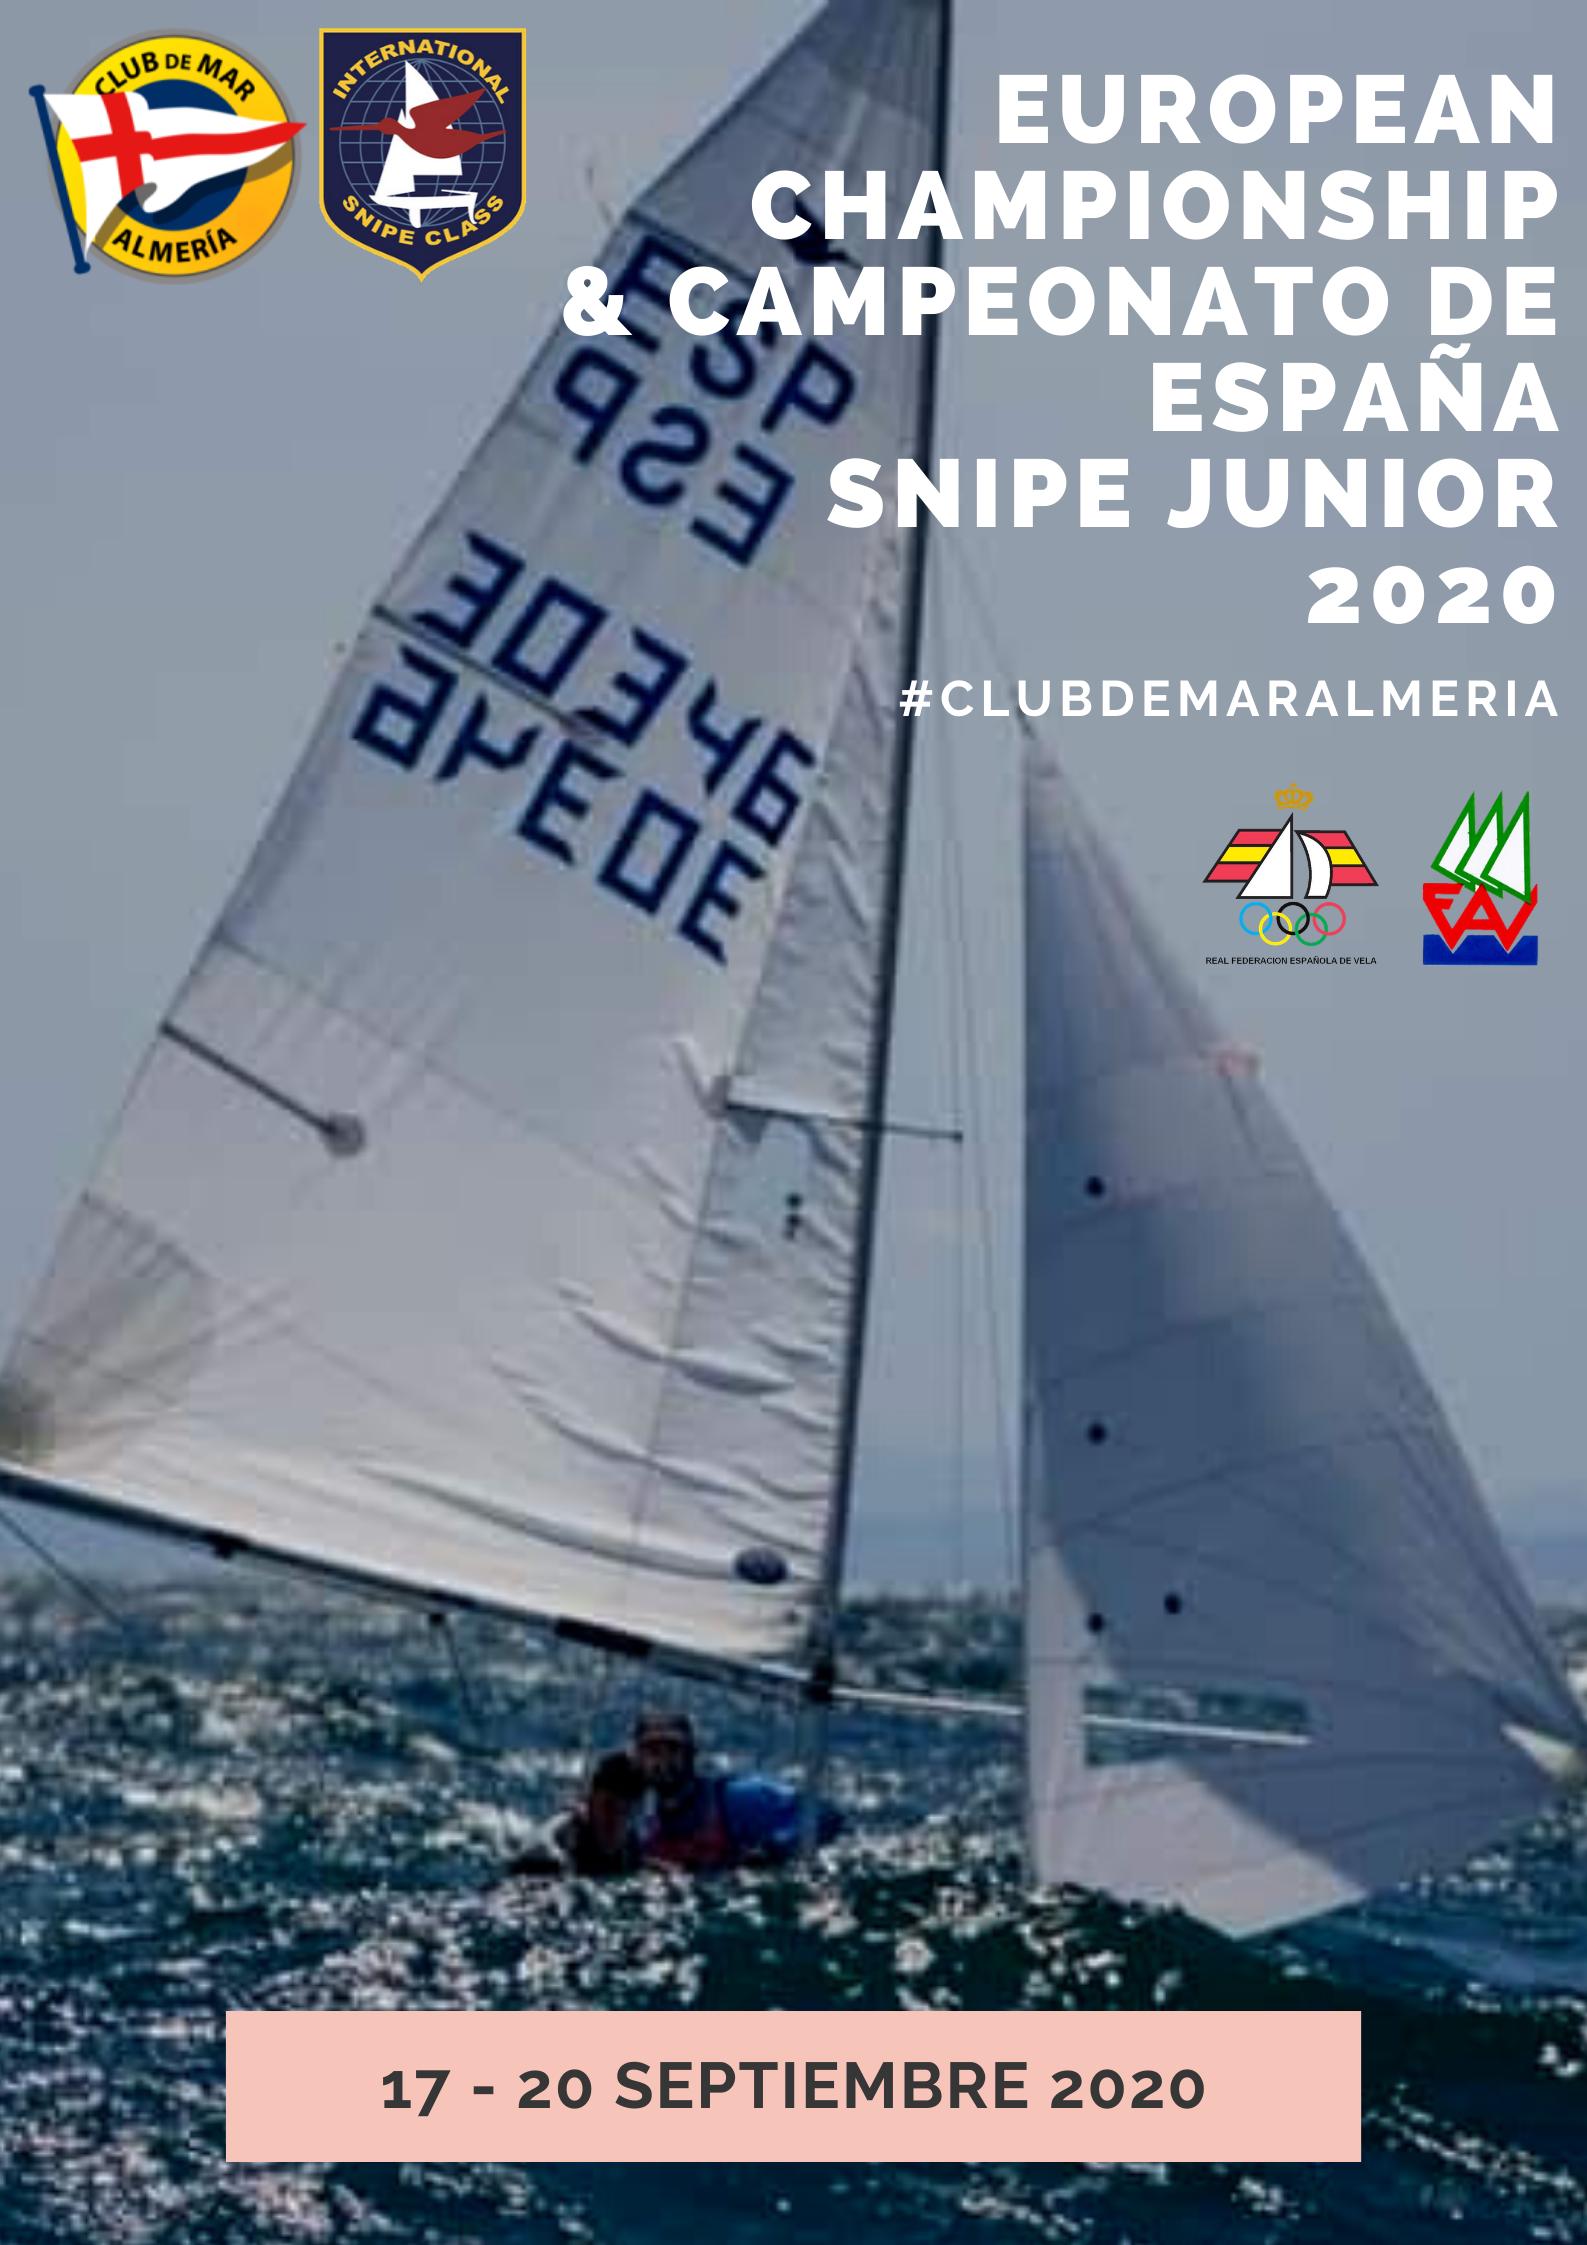 Campeonato De Europa Y De España De Snipe